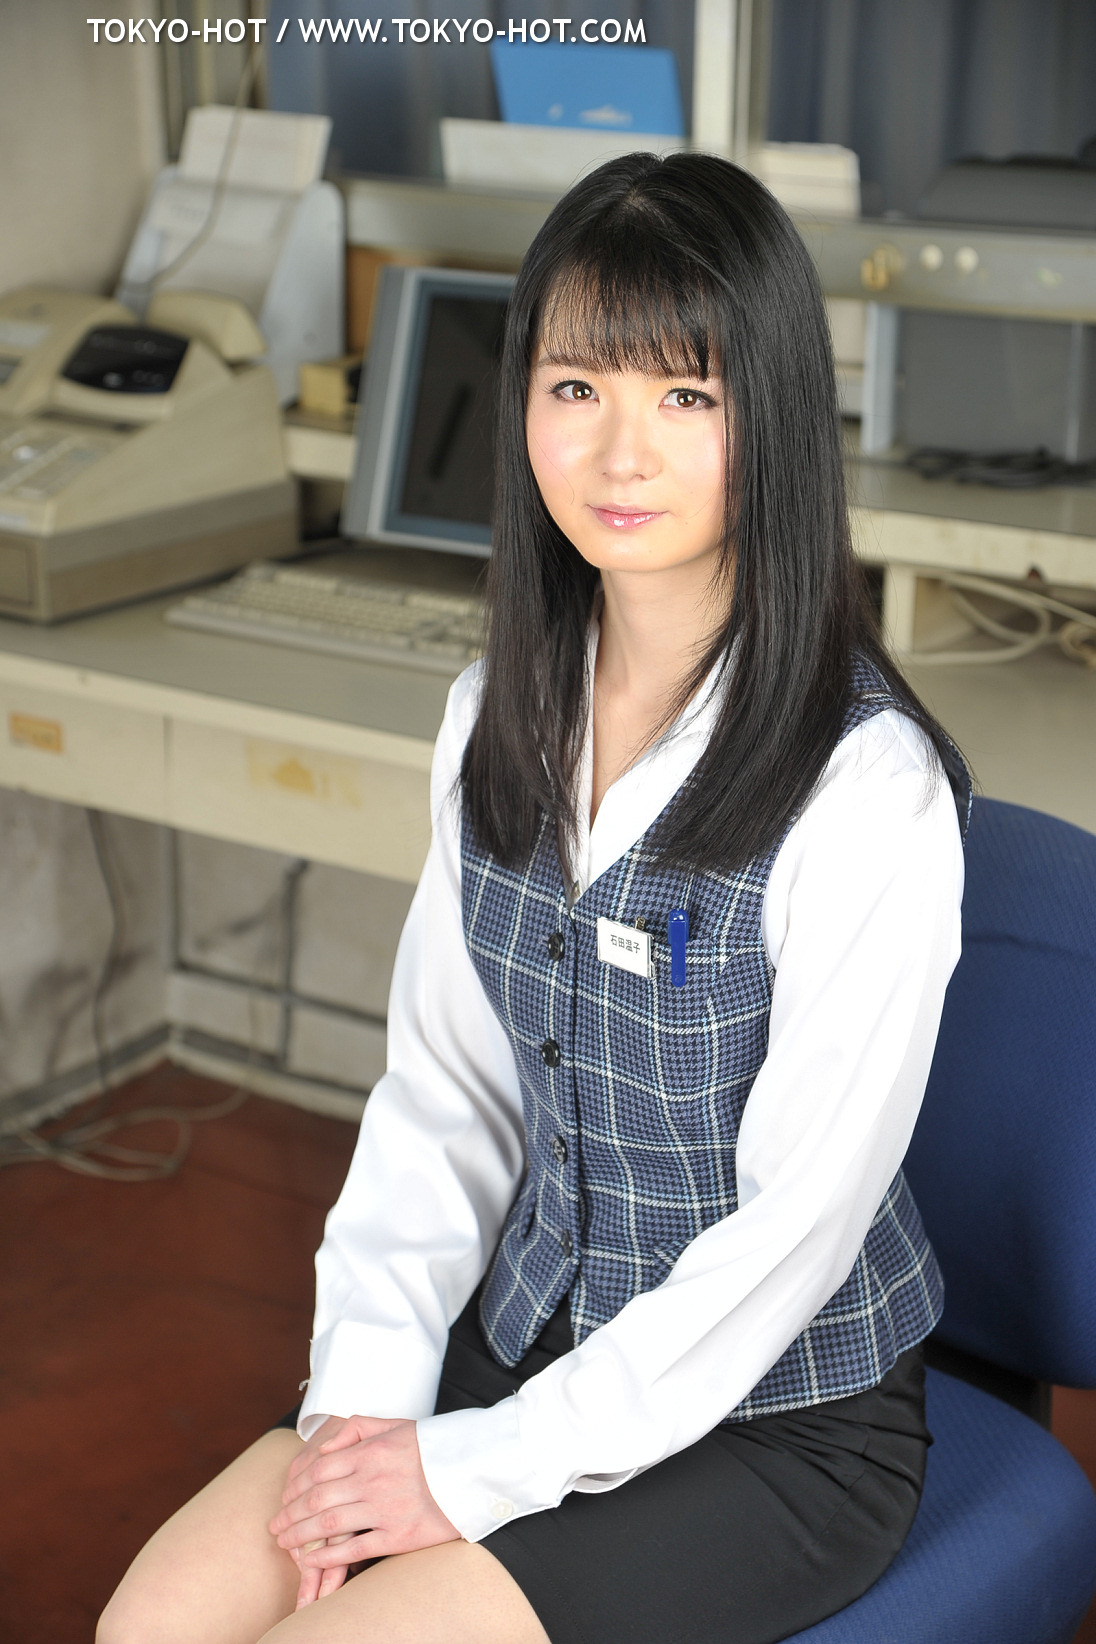 e1064atsuko_ishida0013-jpg [Tokyo-Hot] 2017-01-14 e1064 Atsuko Ishida 石田温子 [479P250MB]